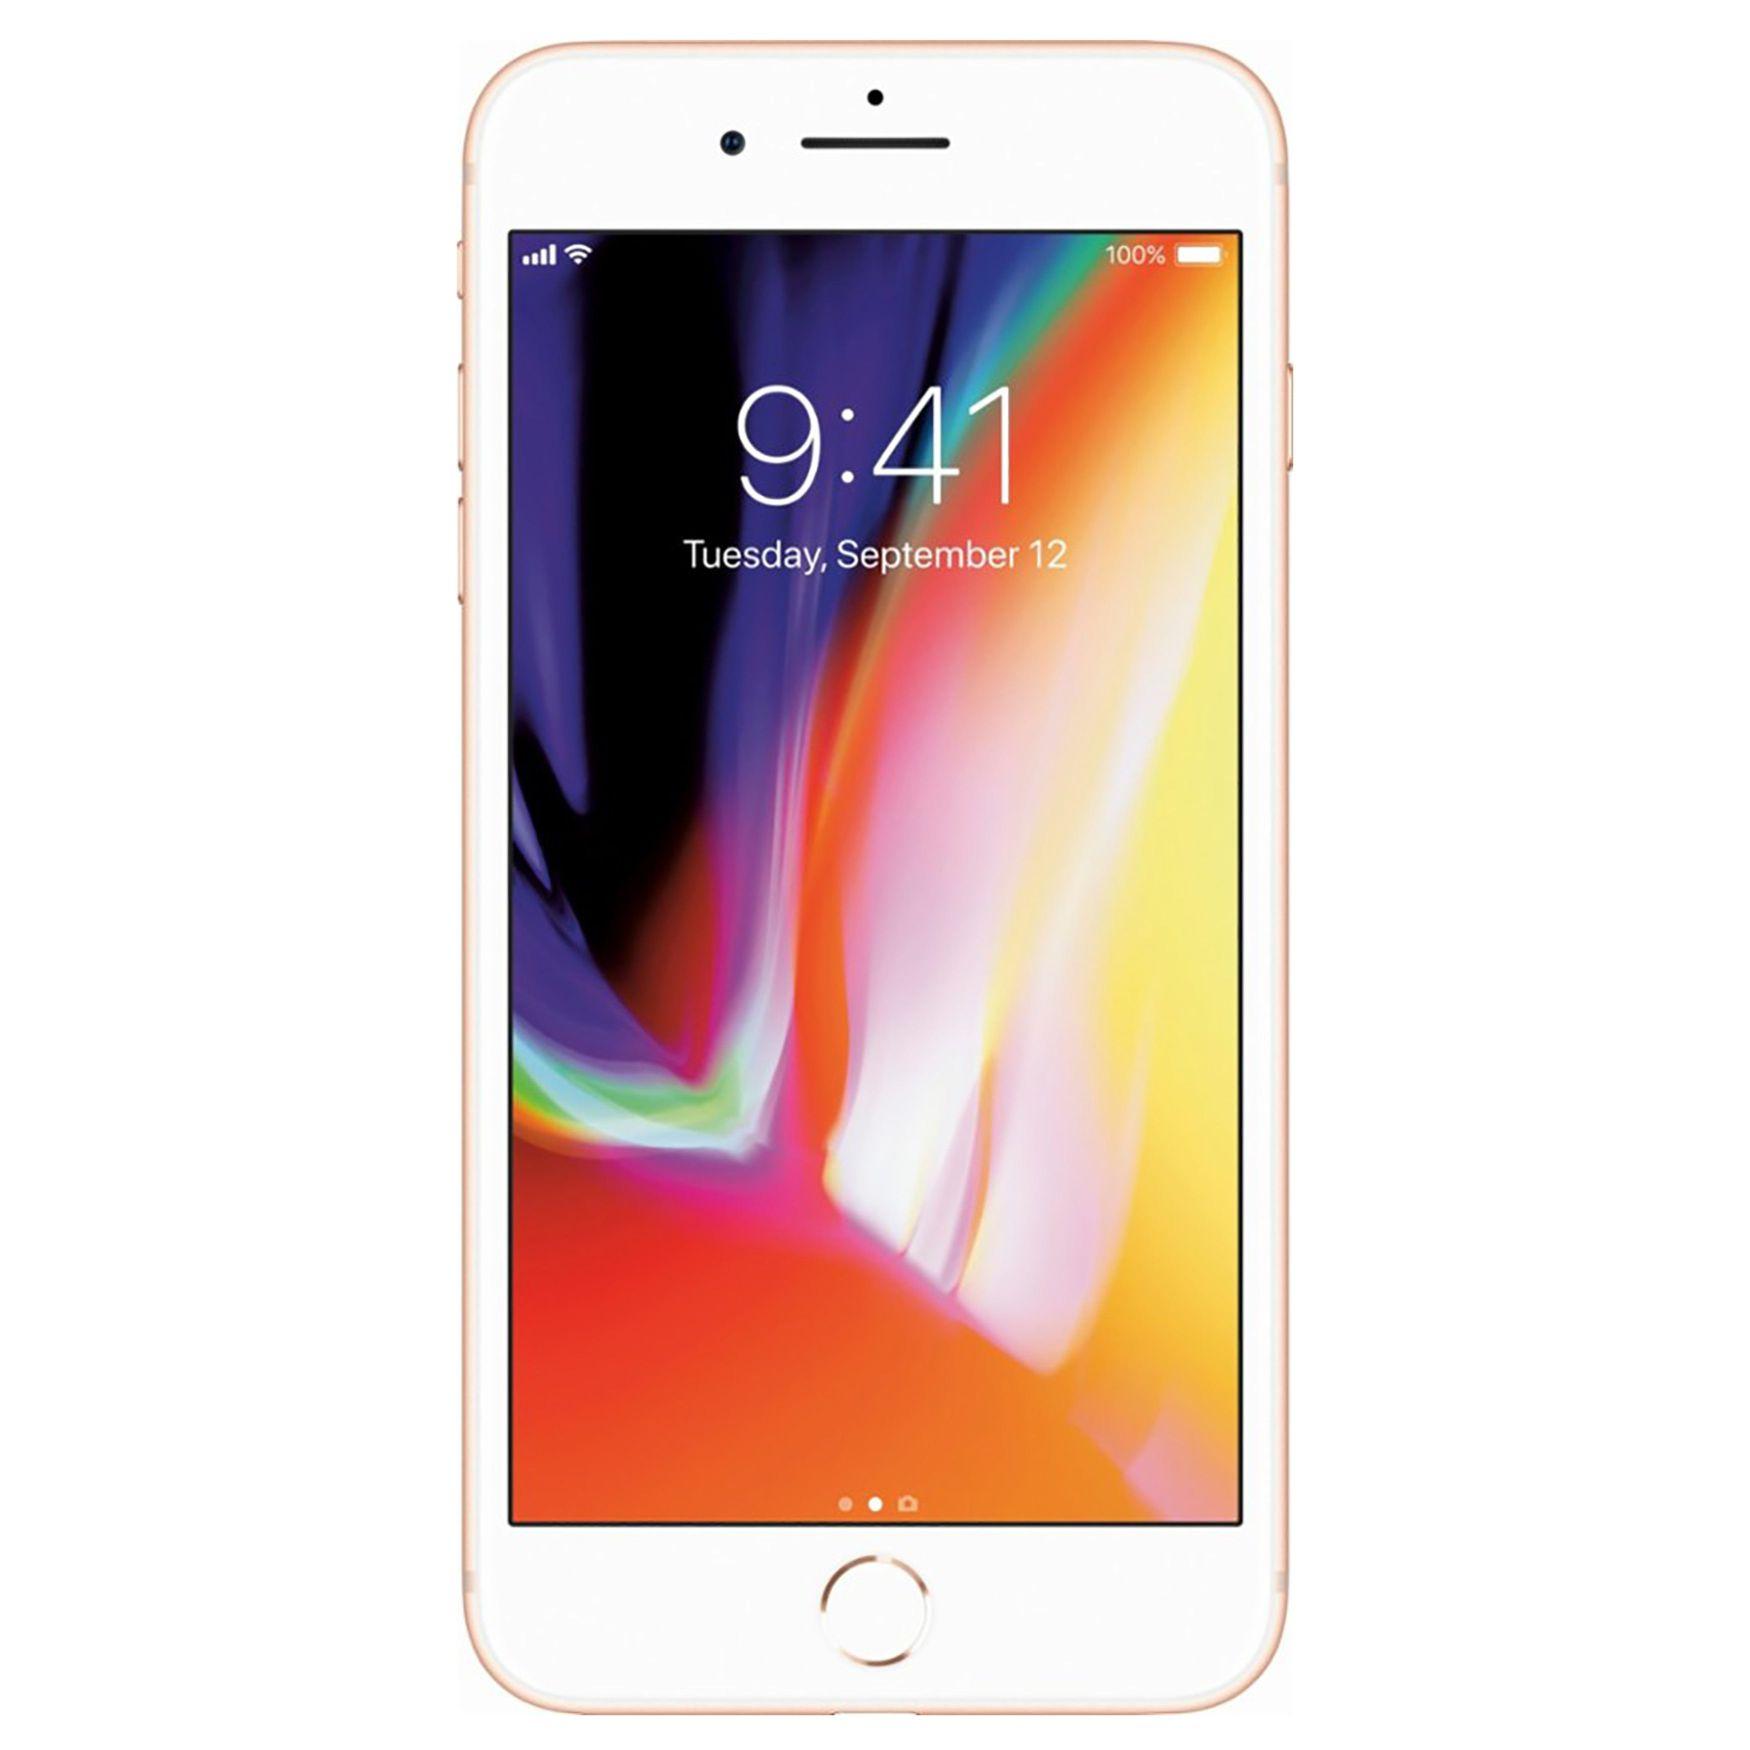 """Apple iPhone 8 Plus 64/3GB - A11 Prozessor (331K Antutu) - 5,5"""" FHD IPS Display - 2675mAh Akku   Media-Saturn"""